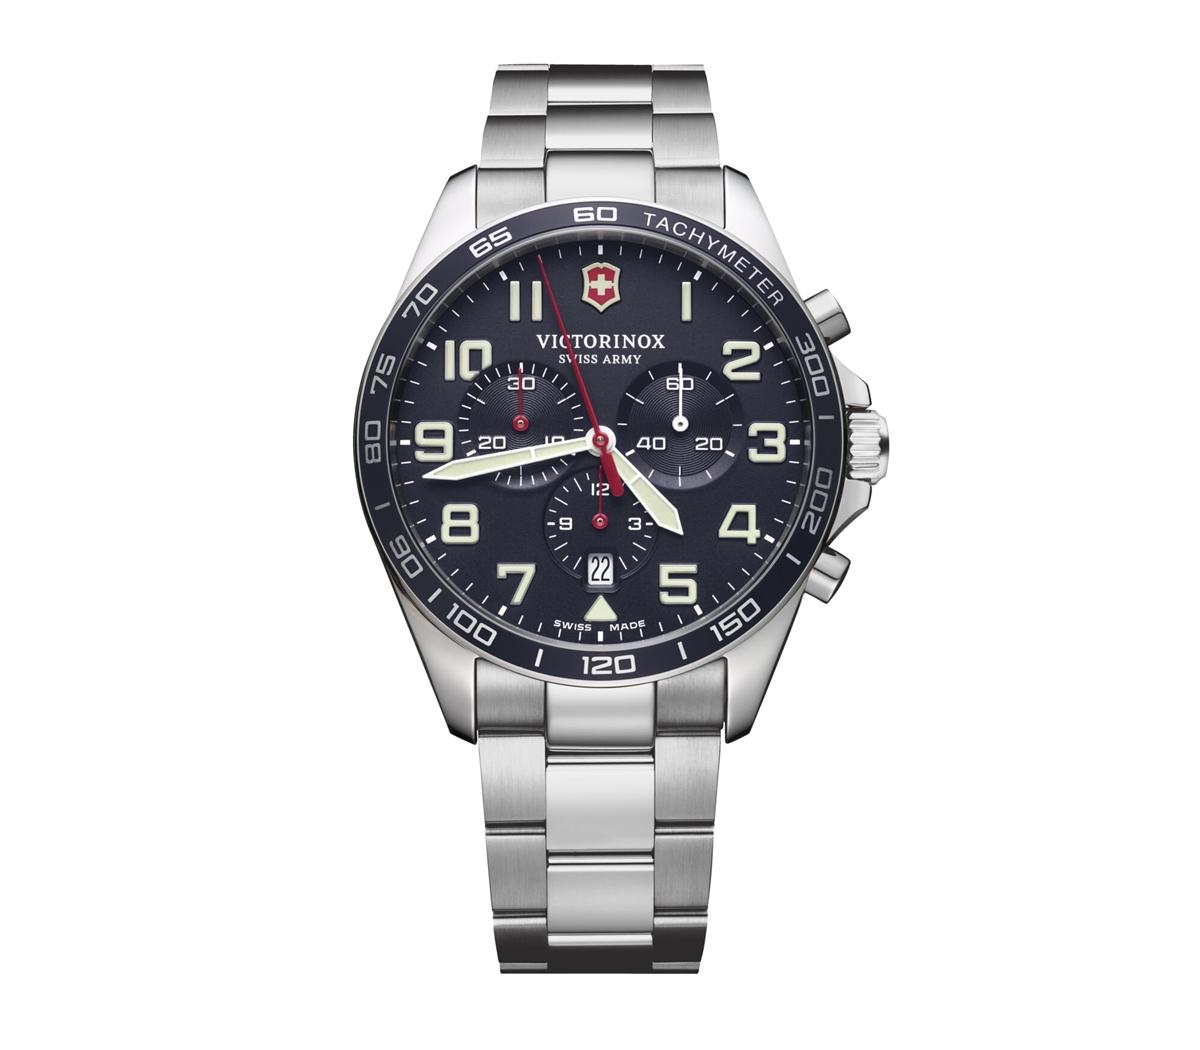 ビクトリノックス VICTORINOX 241857 フィールドフォース クロノネイビーダイヤル 正規品 腕時計